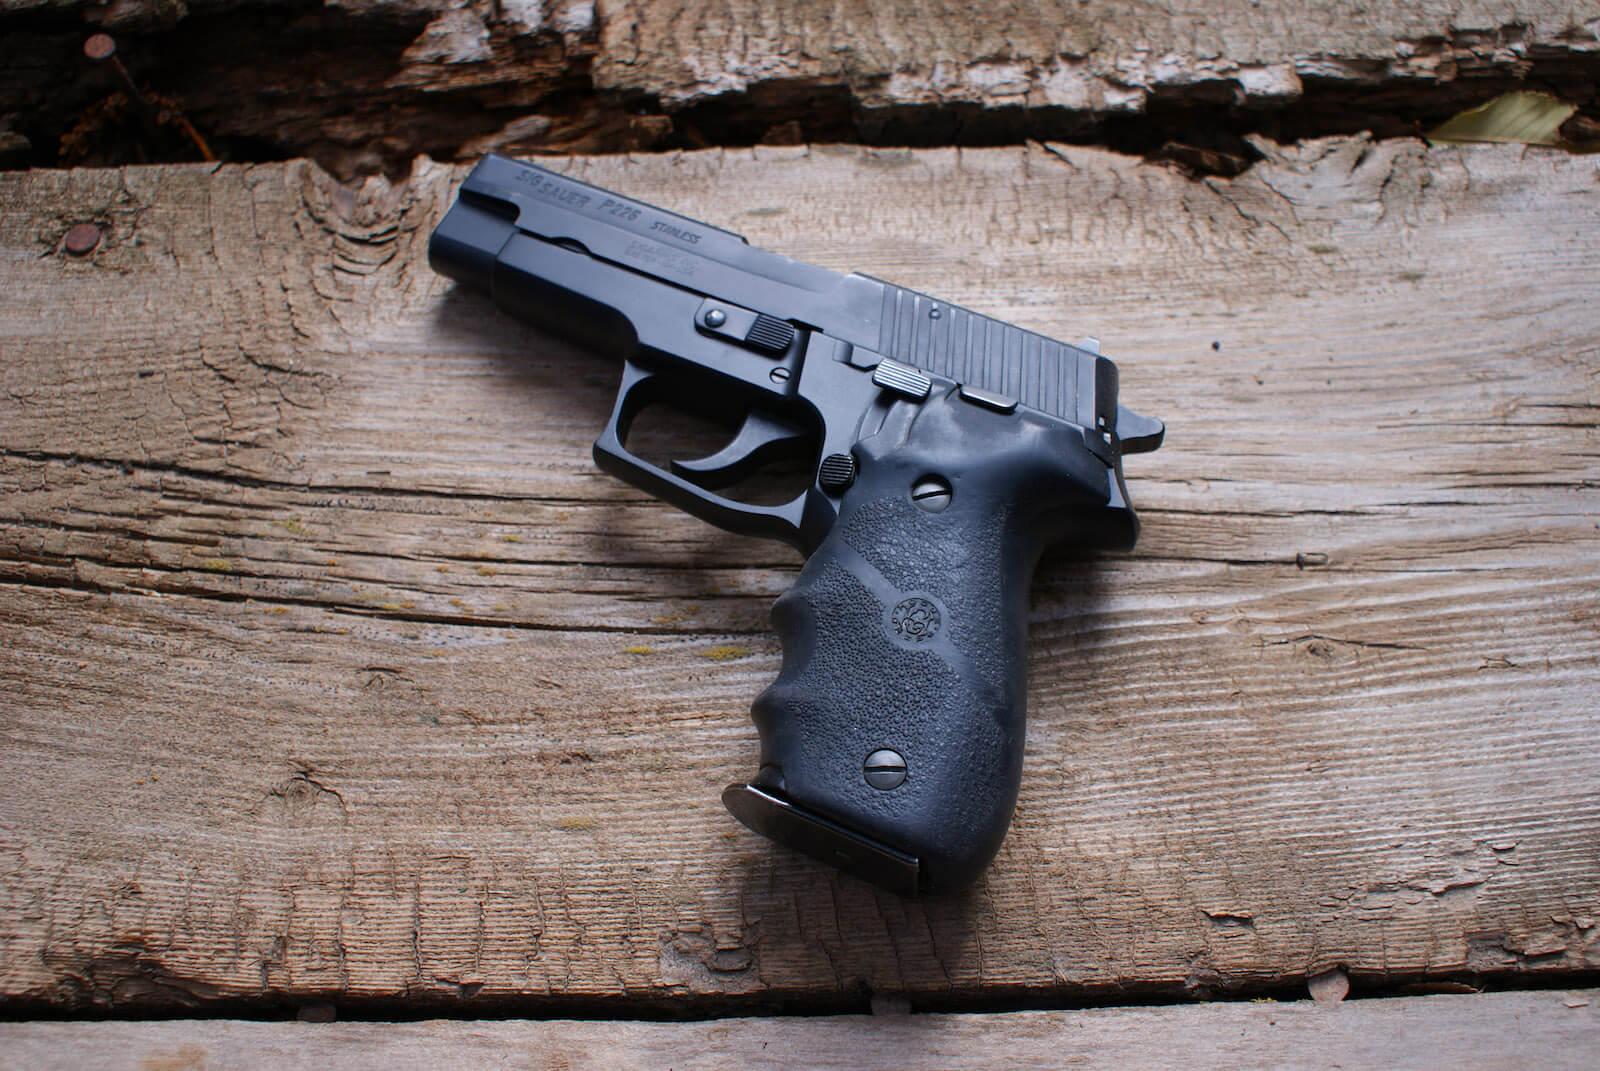 SIG Sauer P226 Service Pistol